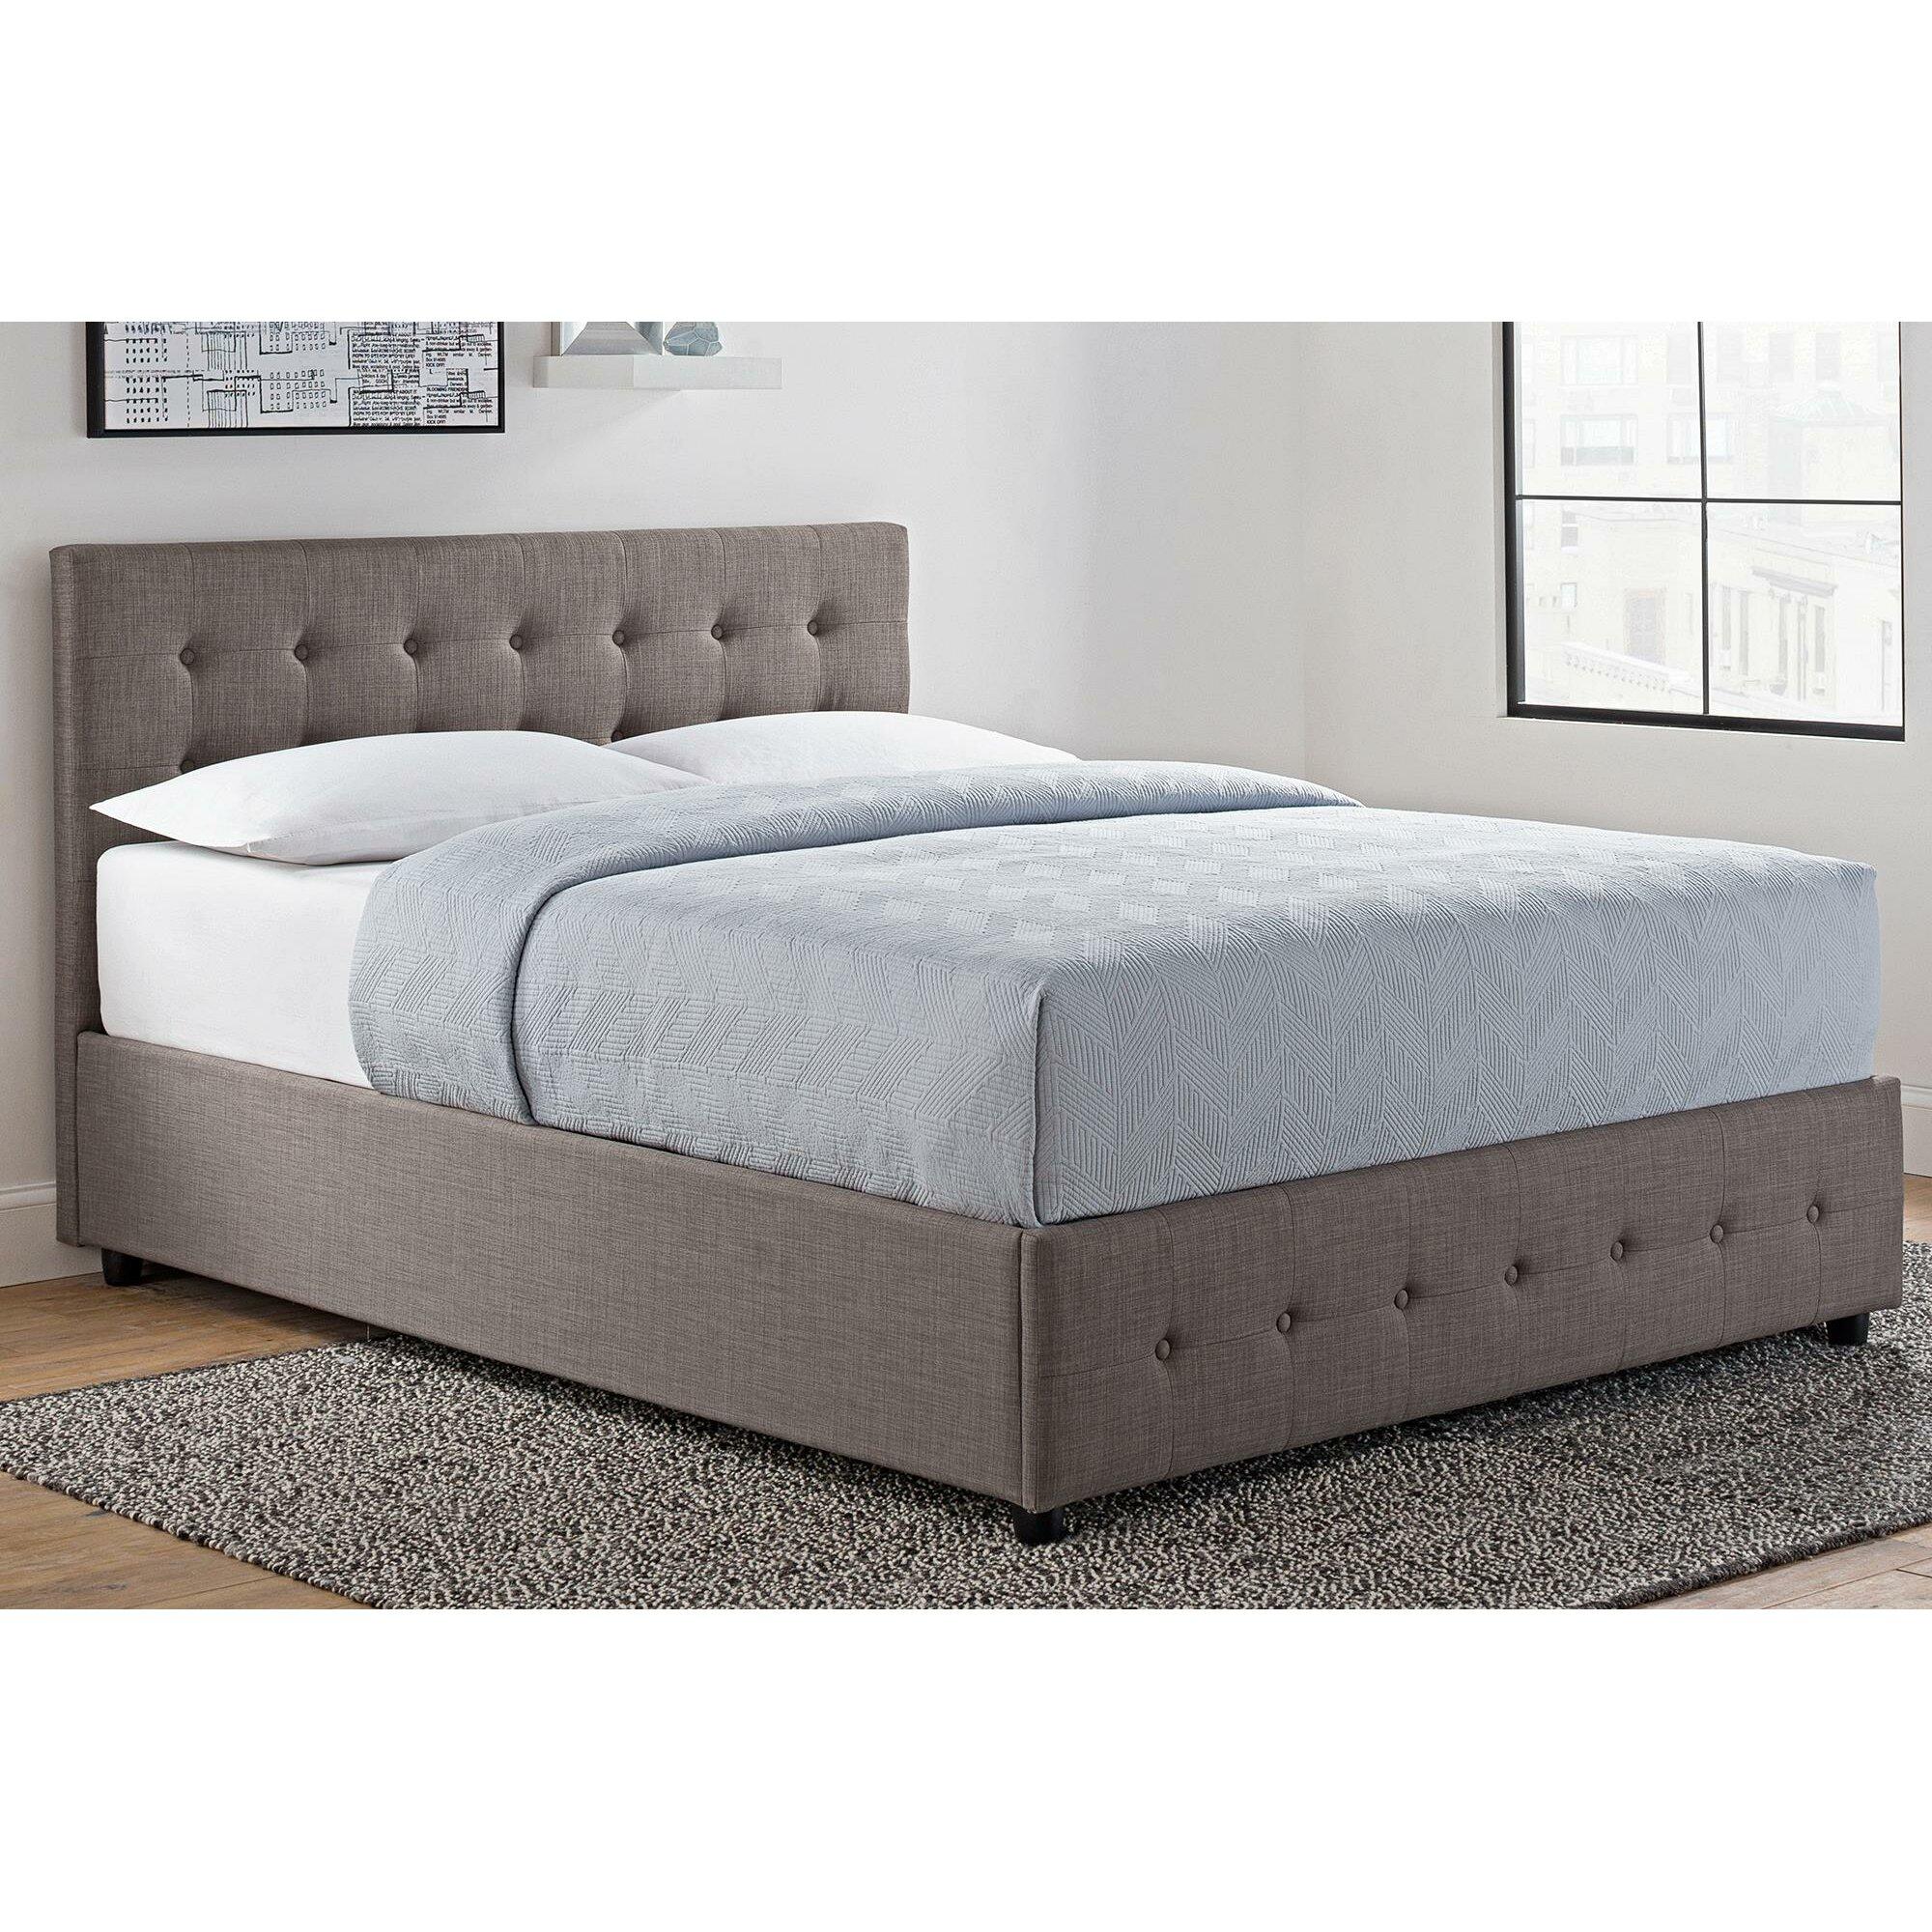 brayden studio morphis upholstered storage platform bed reviews. Black Bedroom Furniture Sets. Home Design Ideas